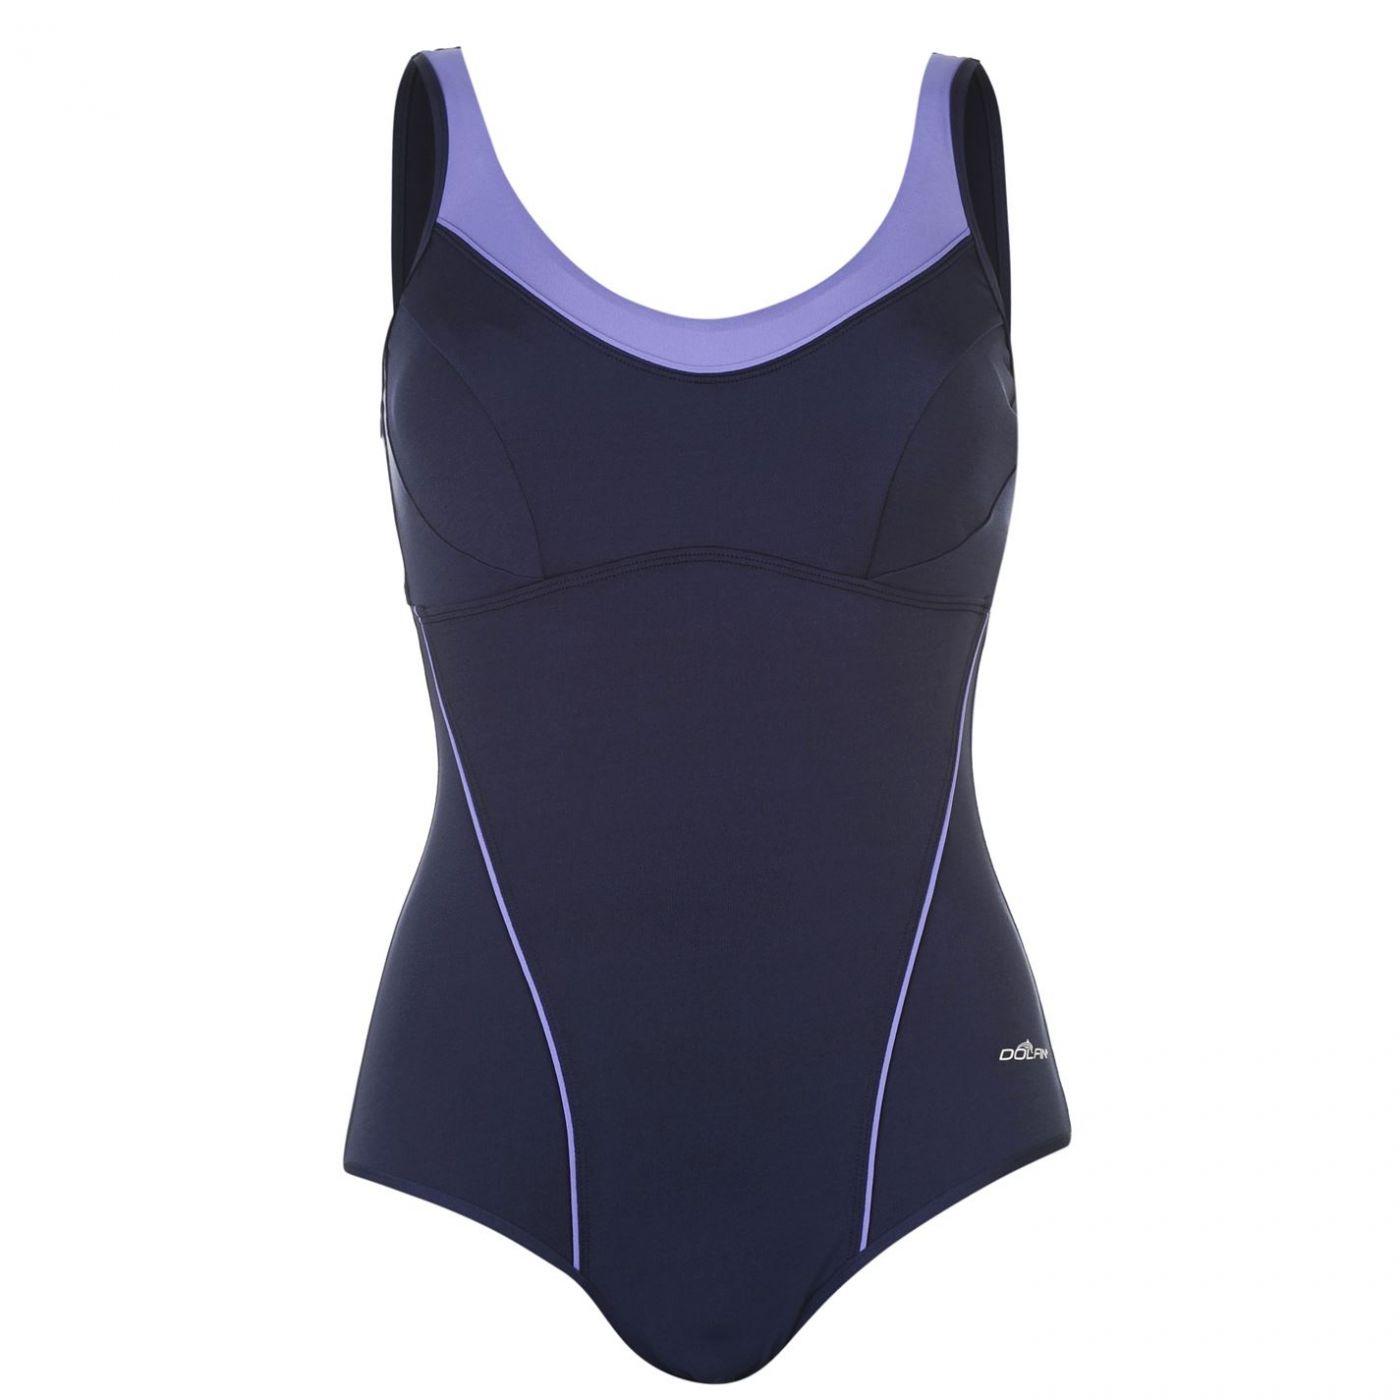 Uglies Aquashape 2 Swimsuit Womens